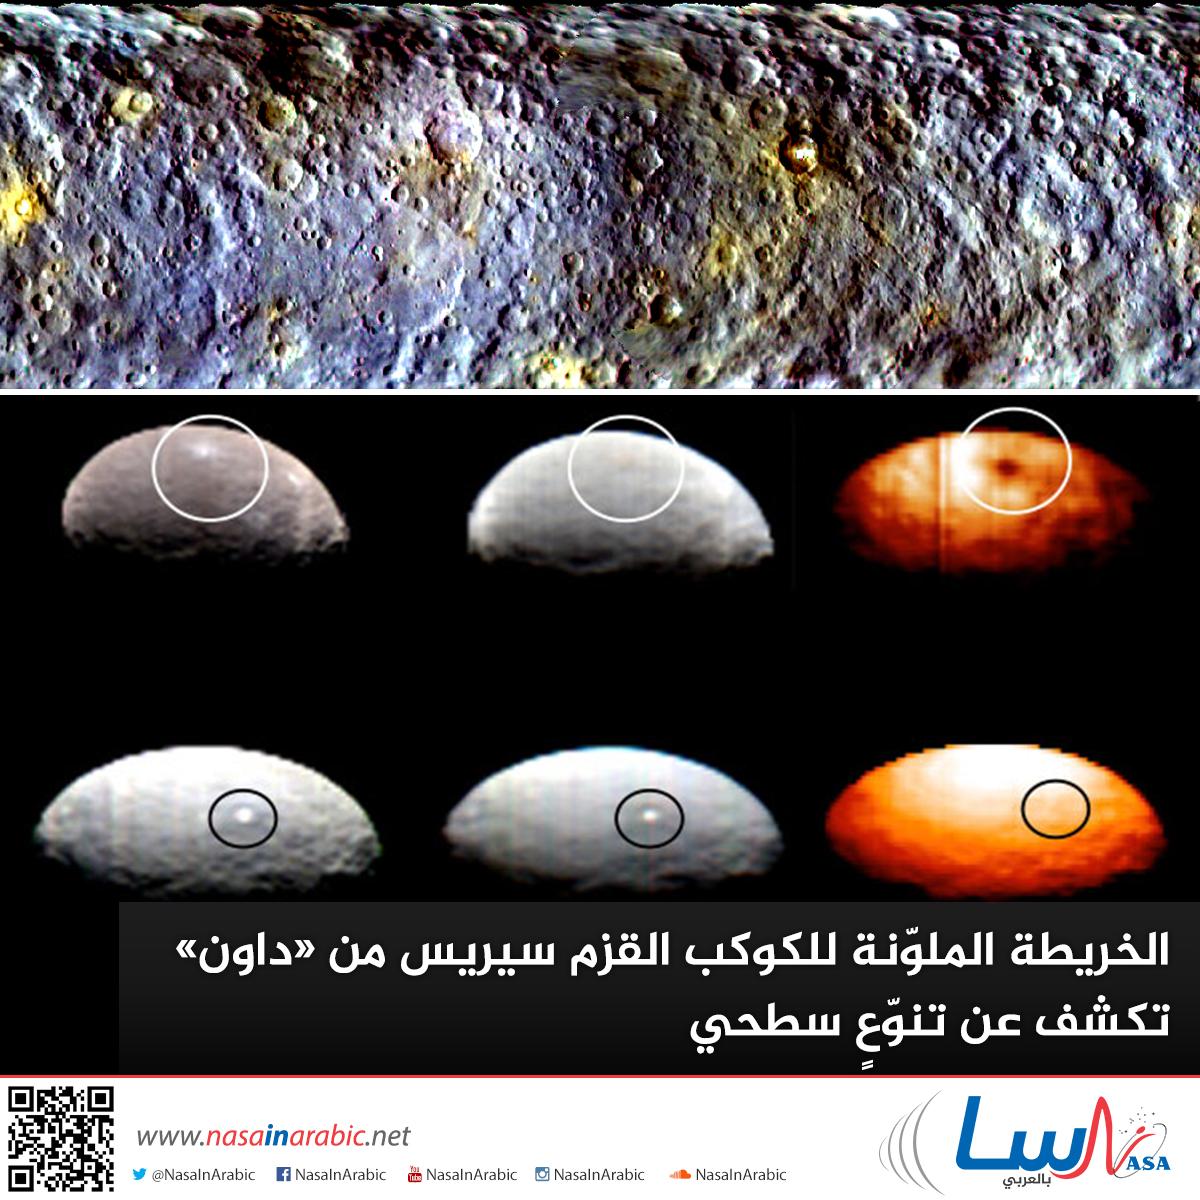 الخريطة الملوّنة للكوكب القزم سيريس من «داون» تكشف عن تنوّعٍ سطحي